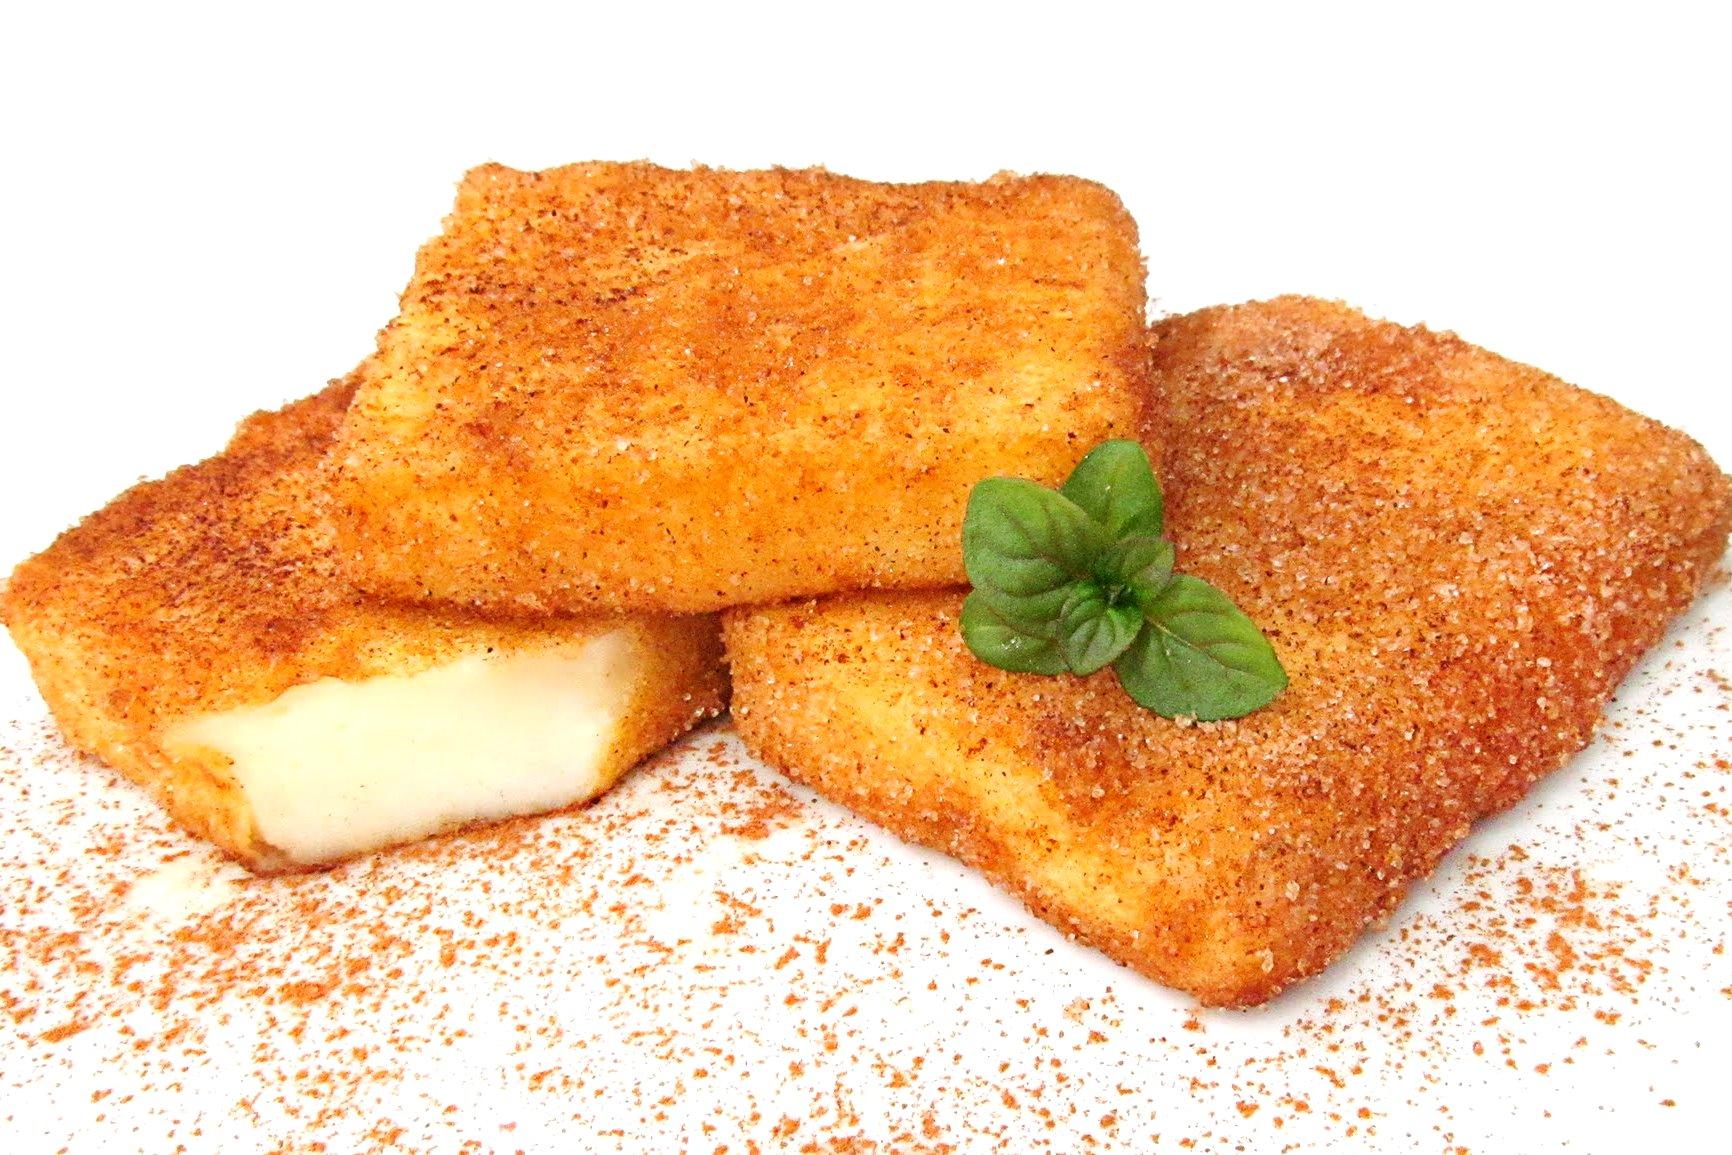 Национальная кухня Андорры: десерт «лече фритта» (исп. leche frita)